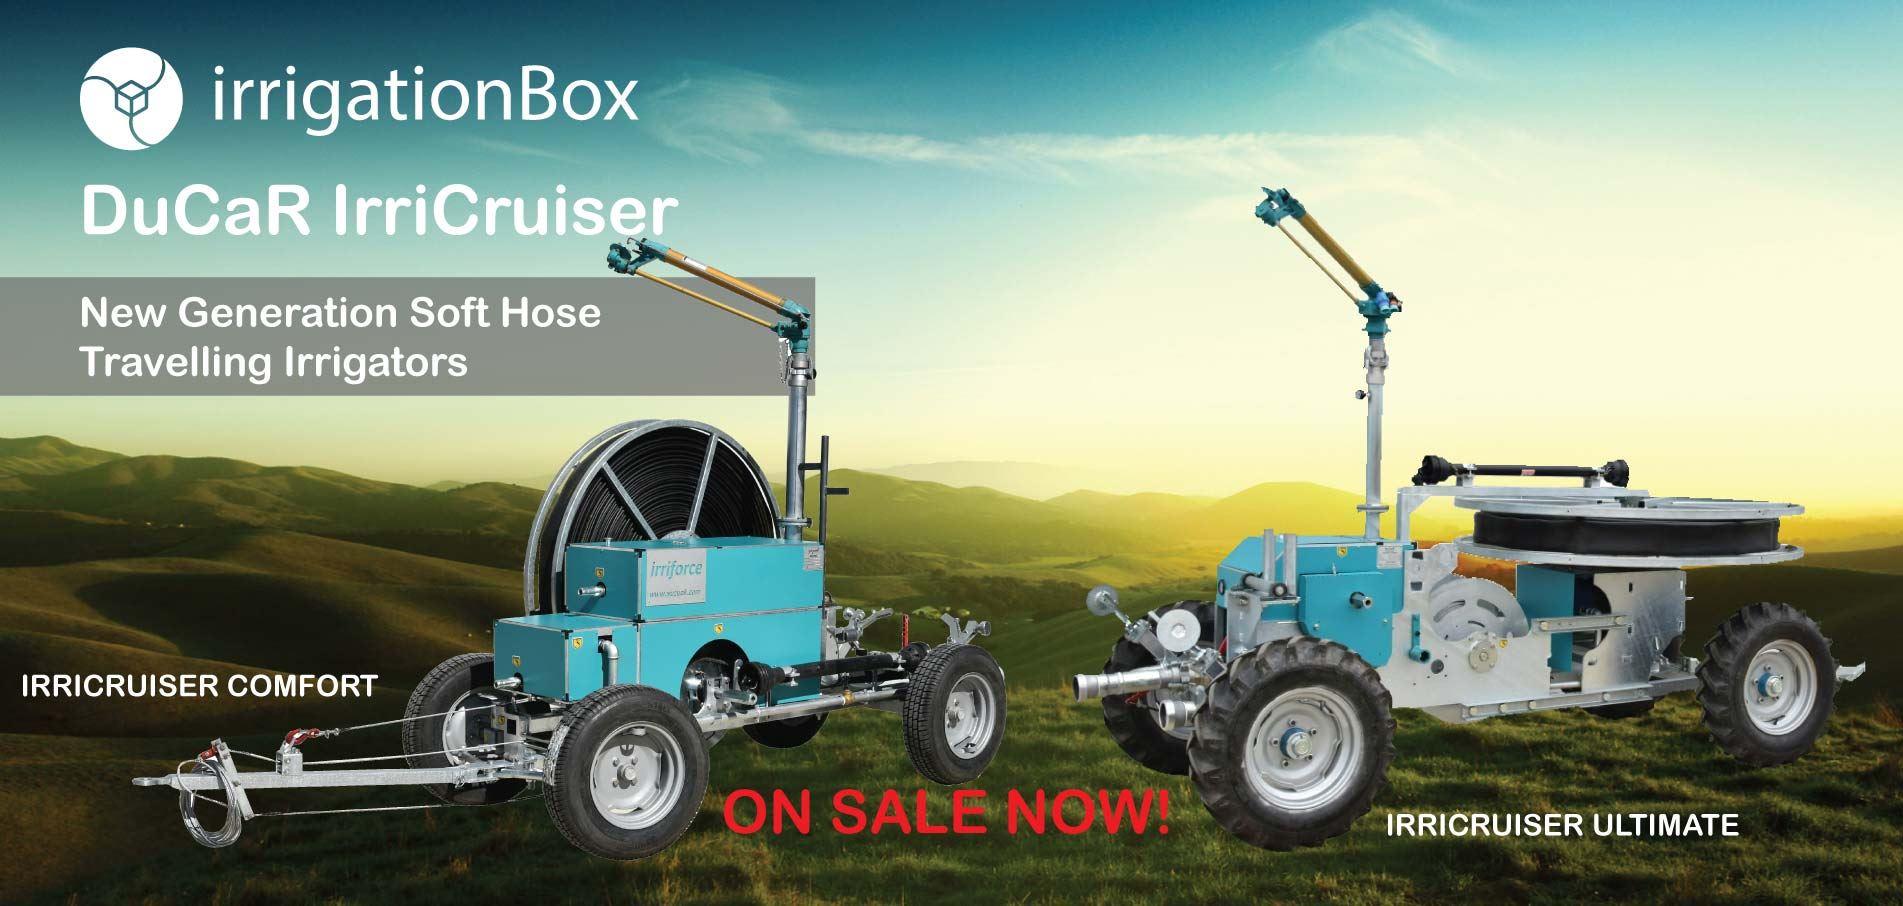 DuCaR IrriCruiser Soft Hose Travelling Irrigators at Best Prices